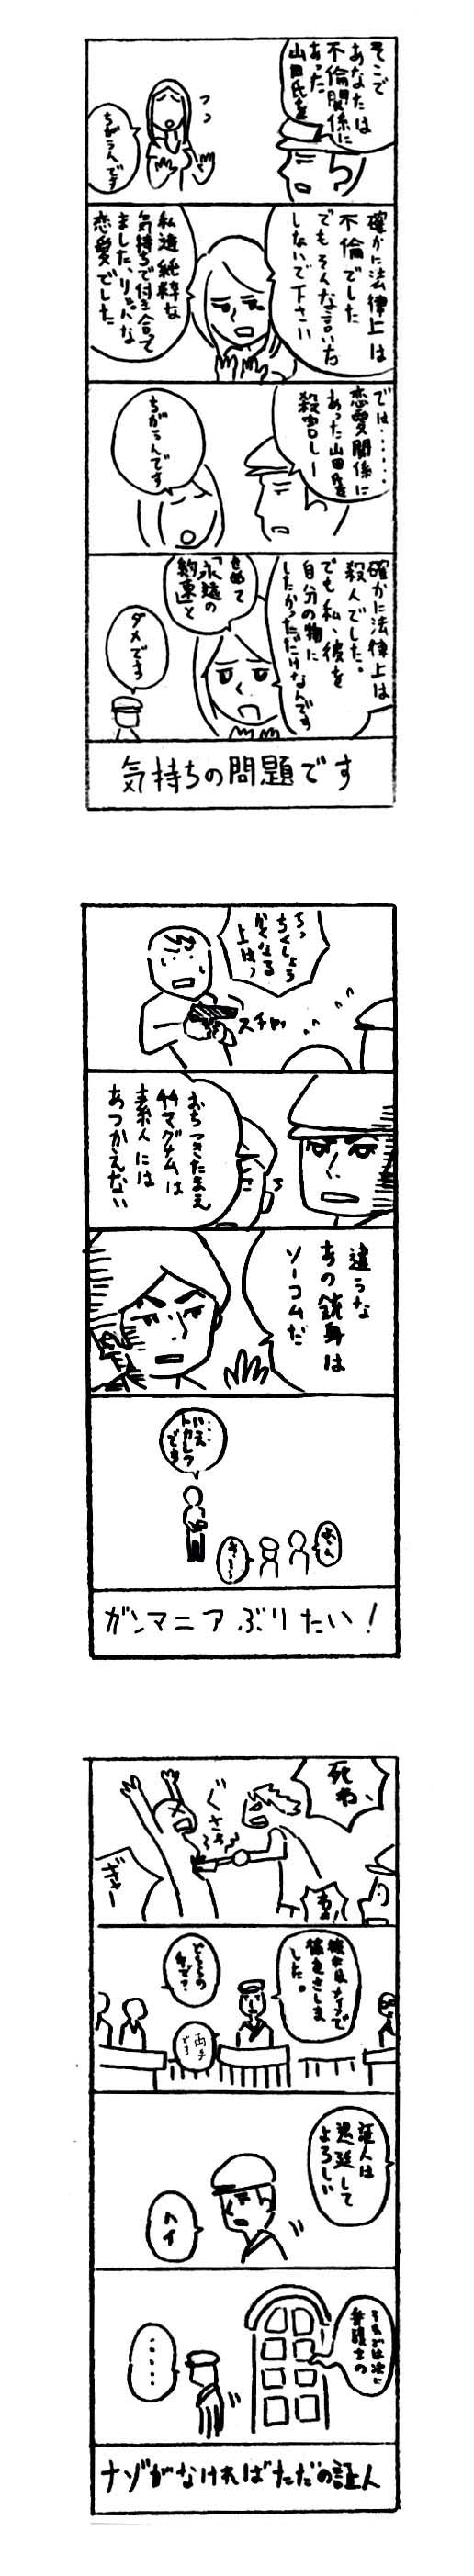 探偵4こまその5